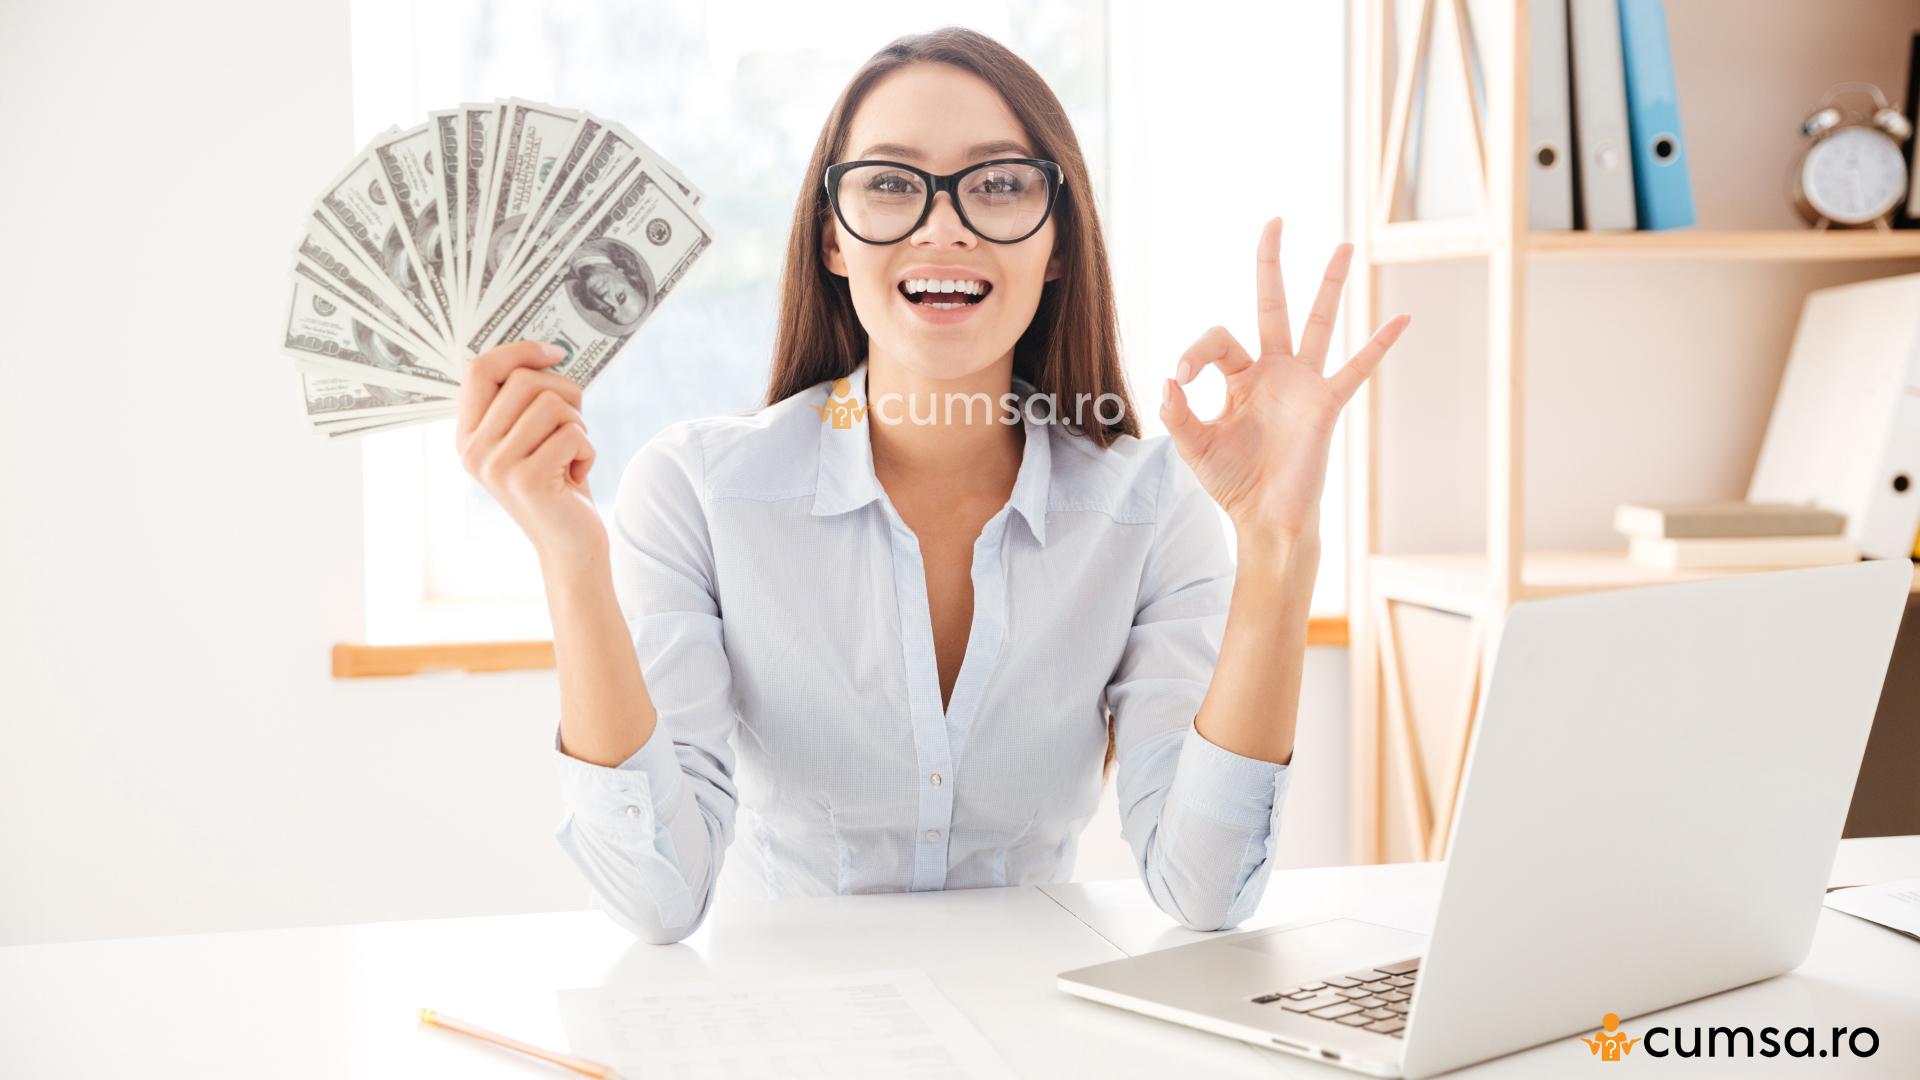 cum să faci bani online pentru studenți